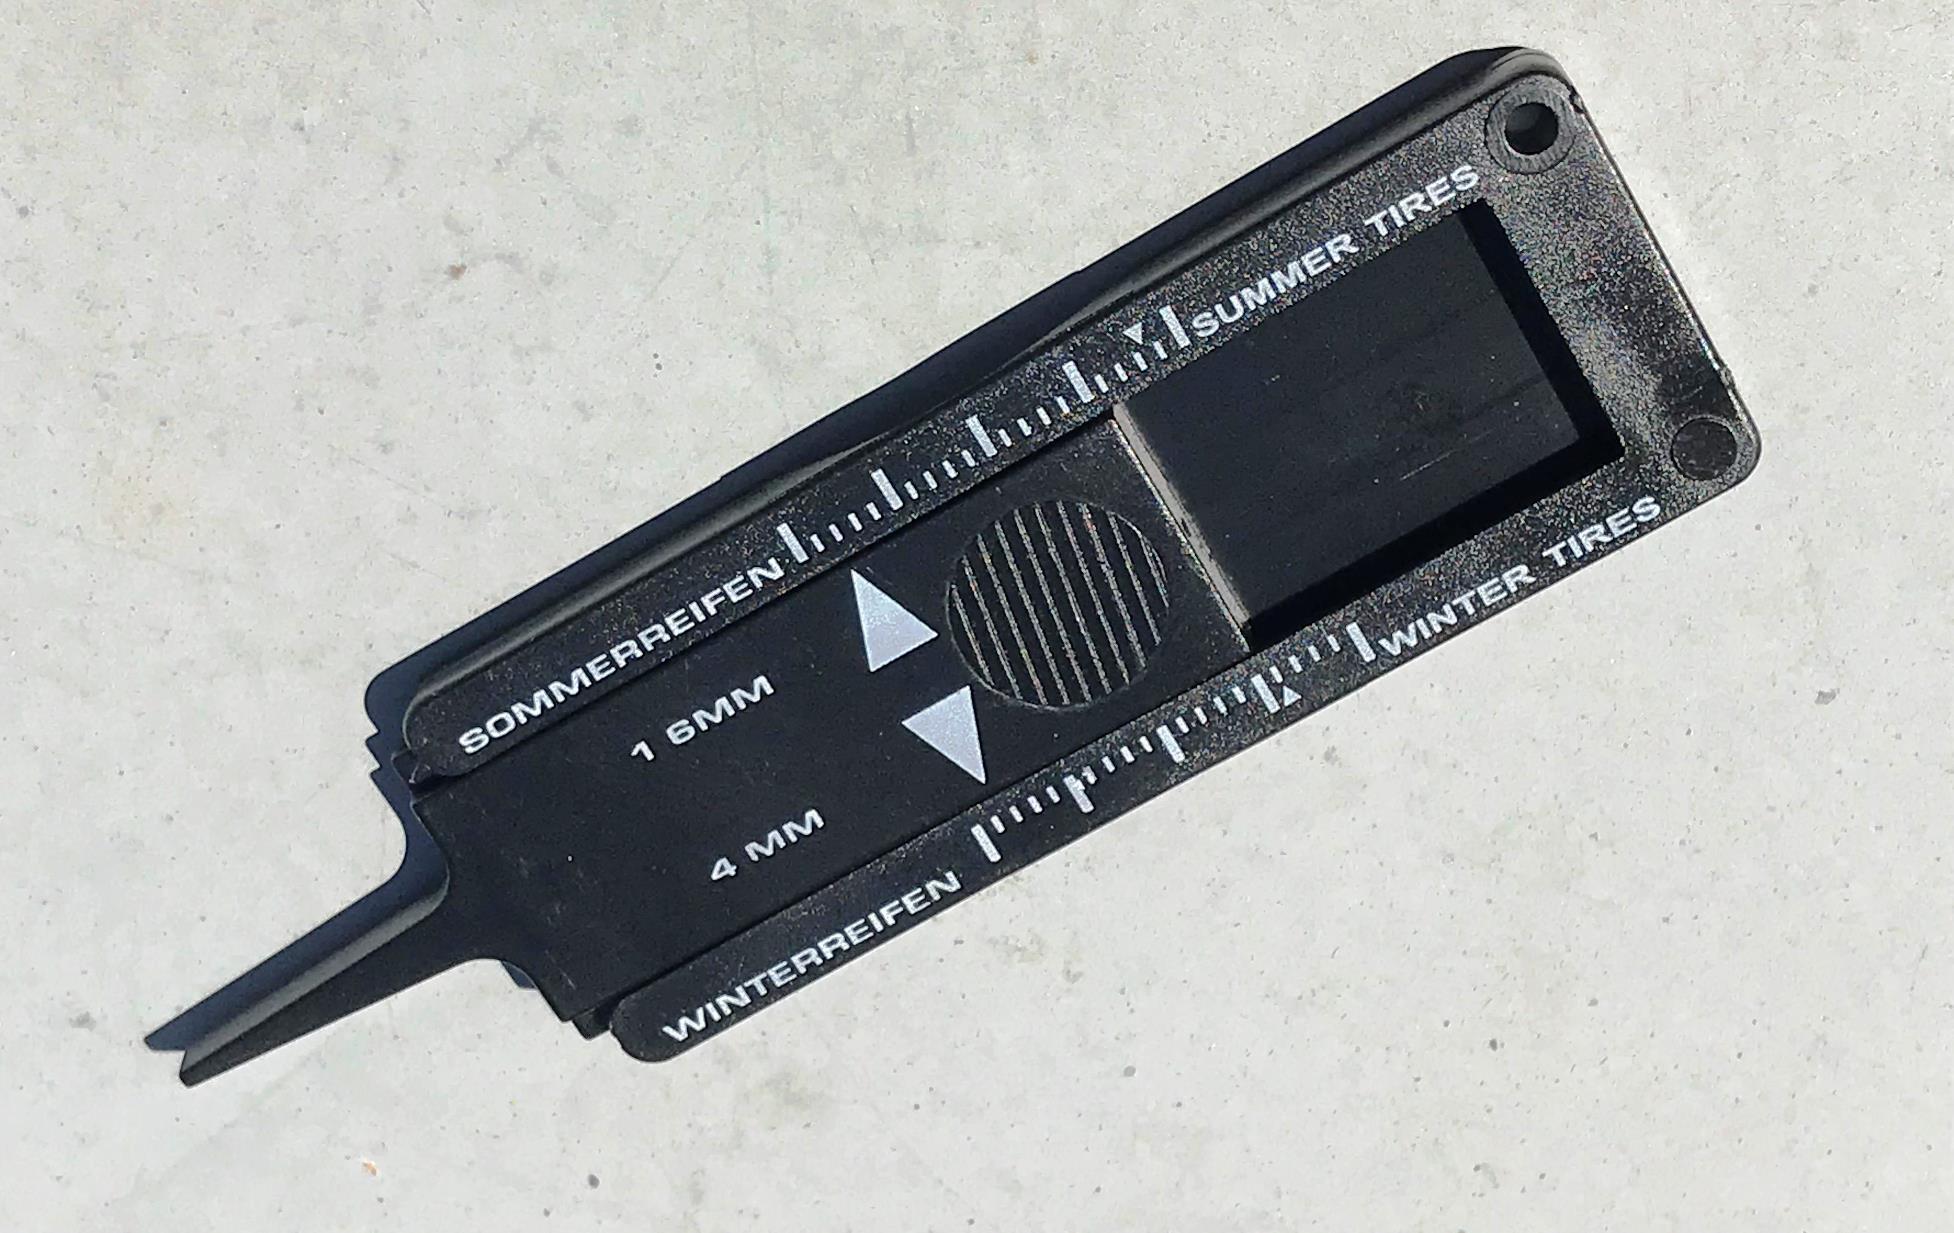 Profundimetro